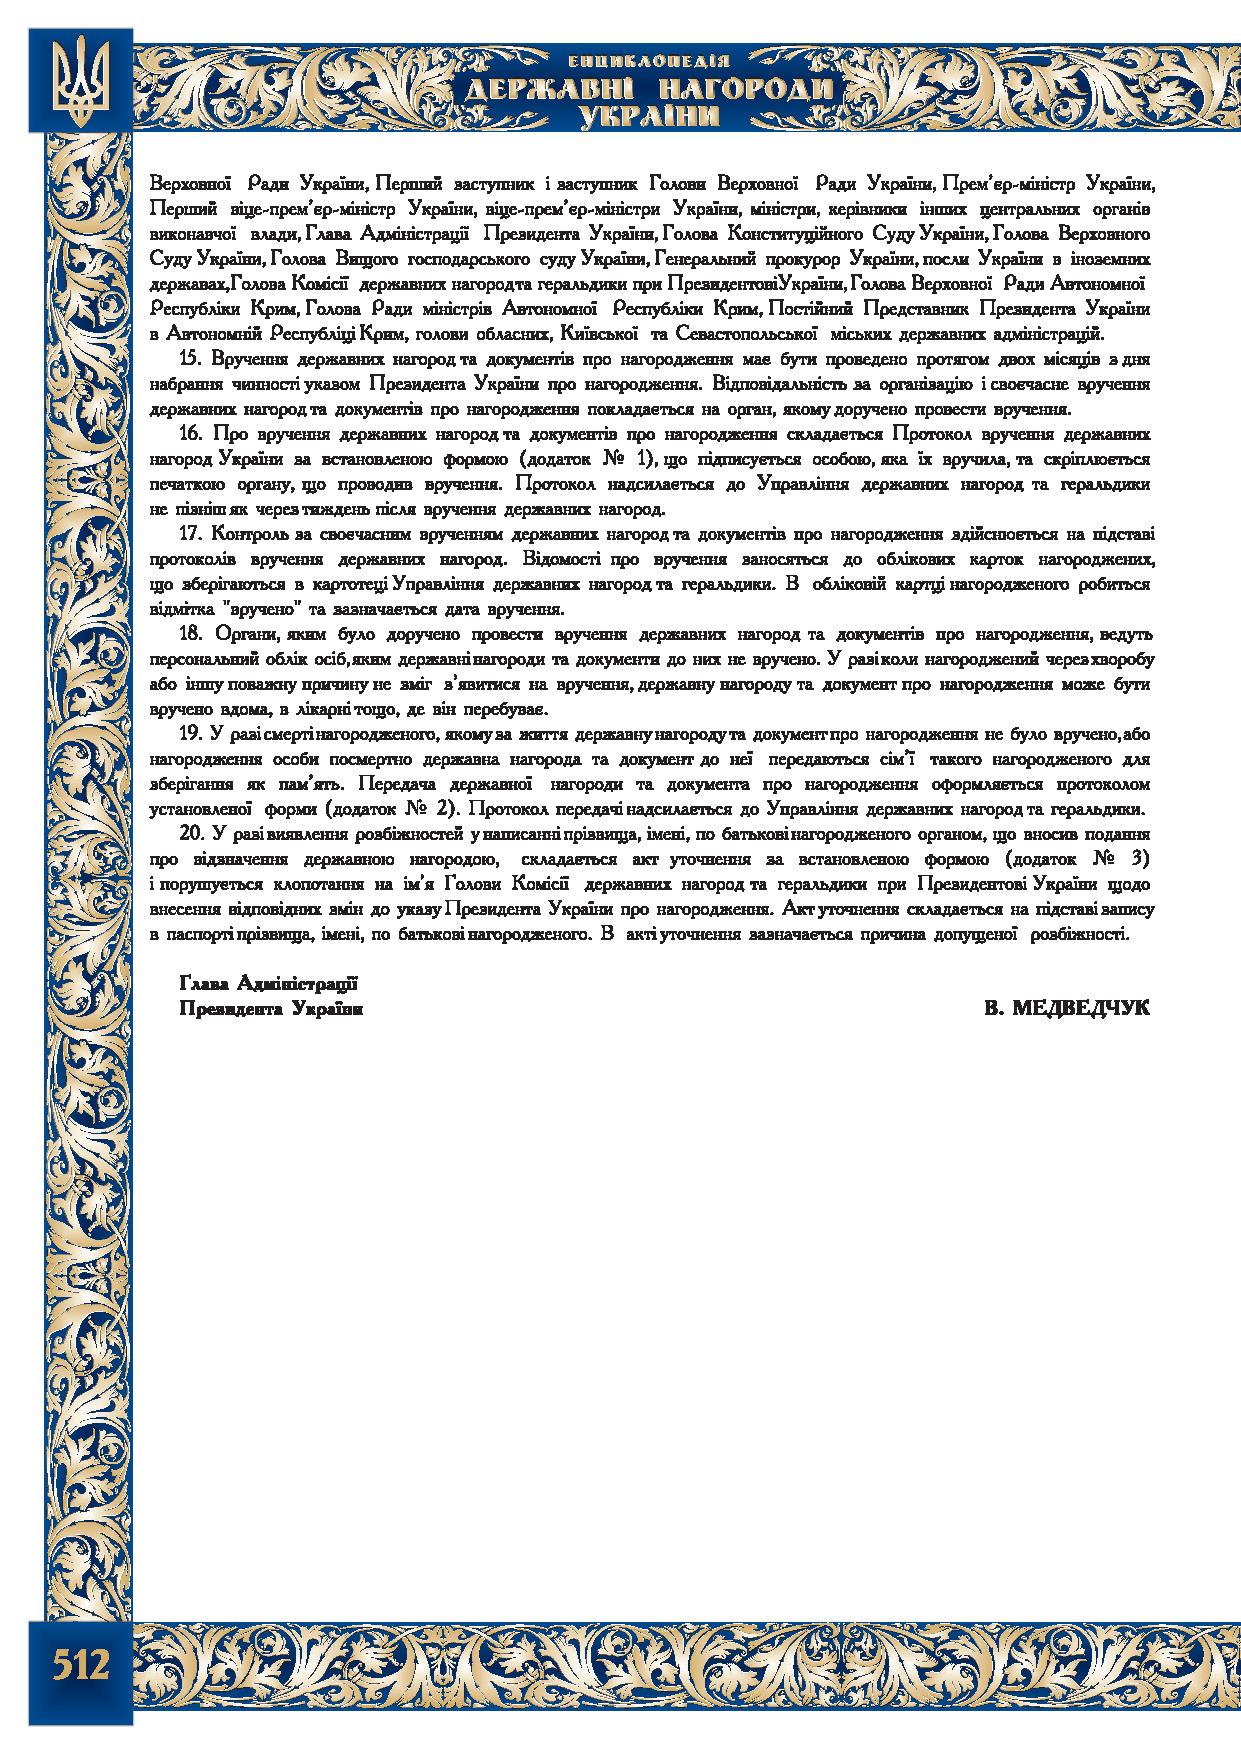 Порядок представлення до нагородження та вручення державних нагород України